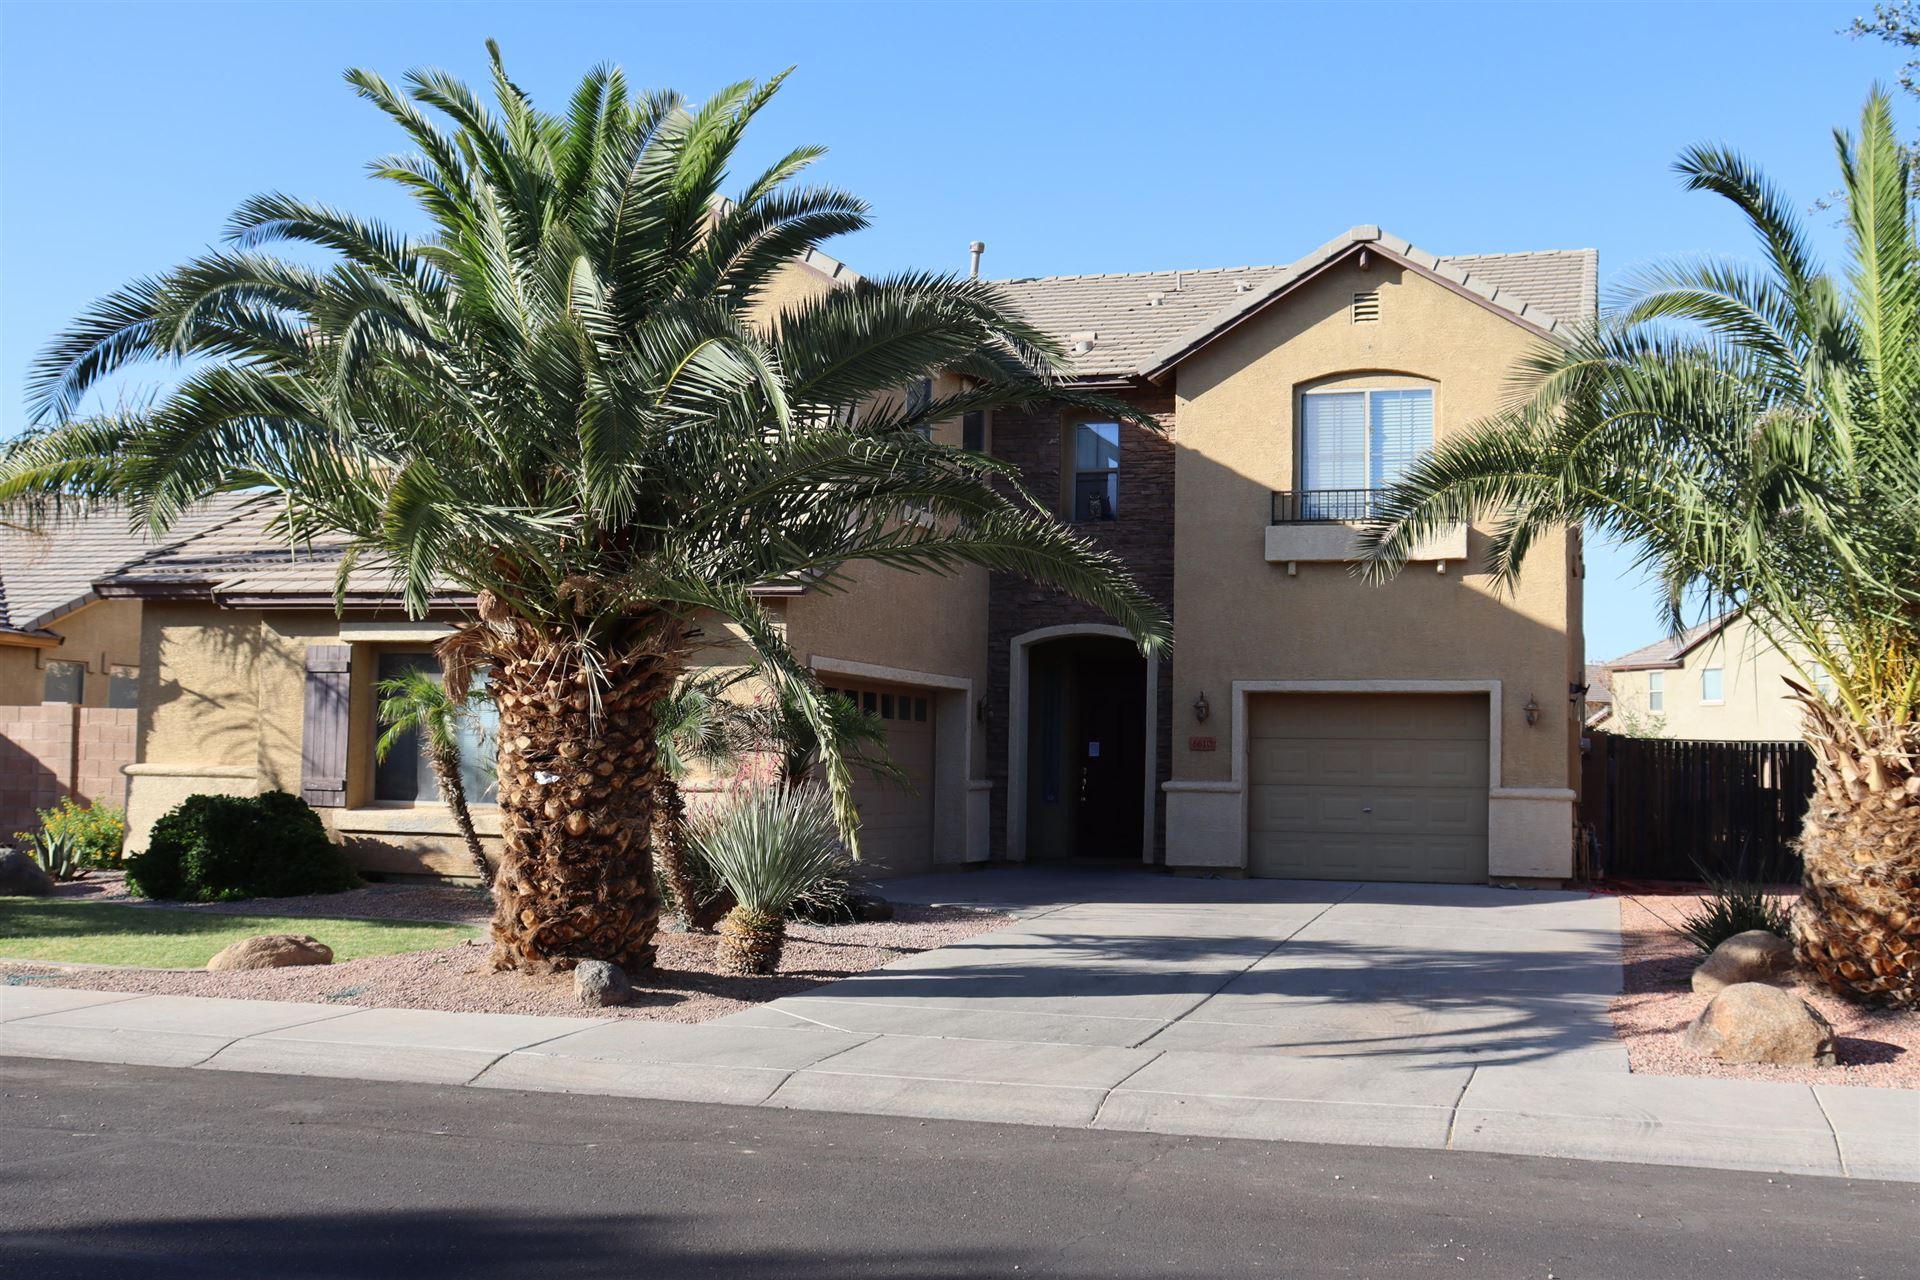 6610 W HARWELL Road, Laveen, AZ 85339 - MLS#: 6233187